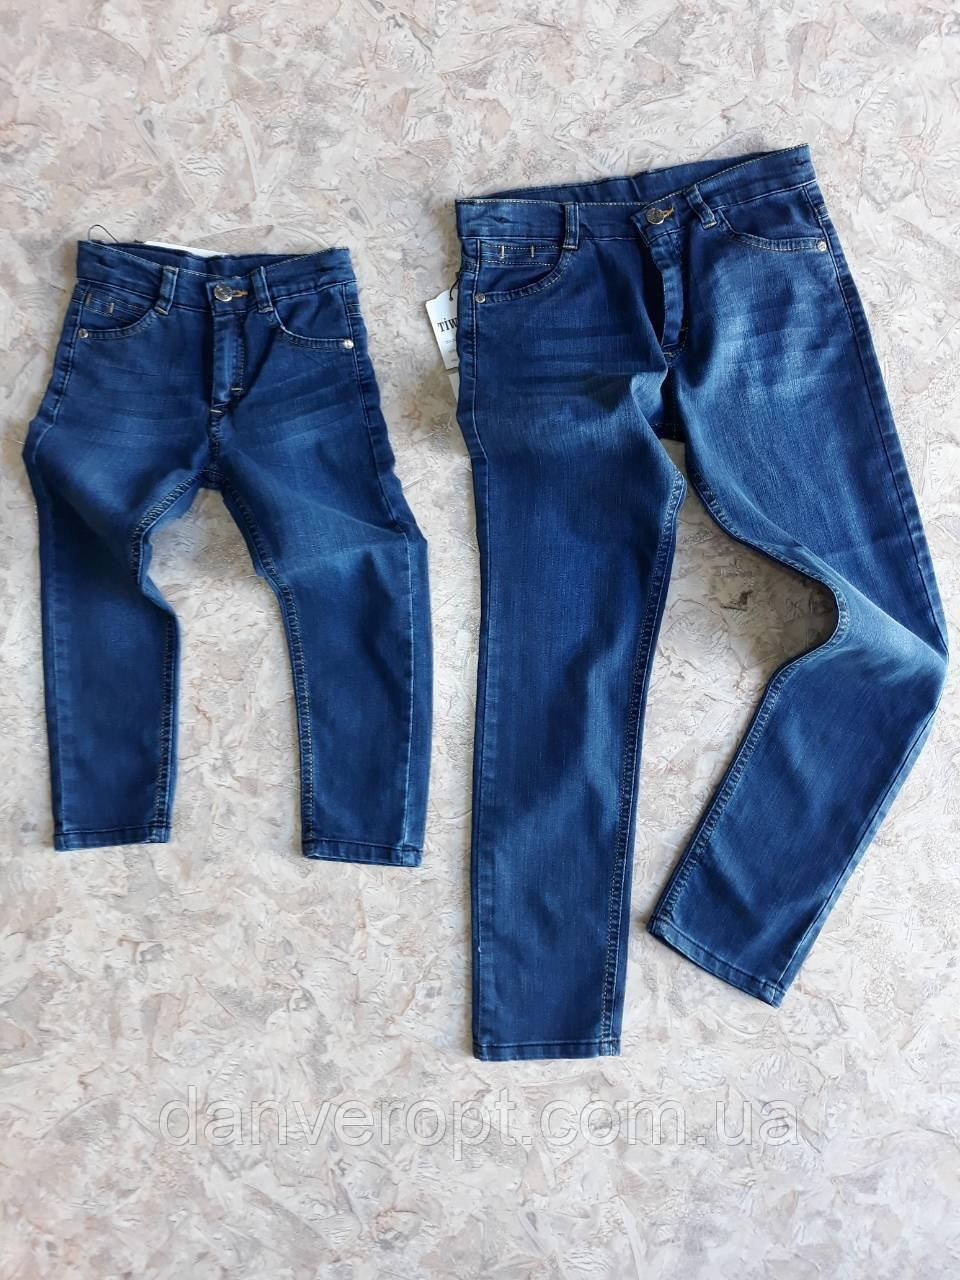 34ecd593236 Джинсы детские модные с карманами на мальчика 8-12 лет купить оптом со  склада 7км